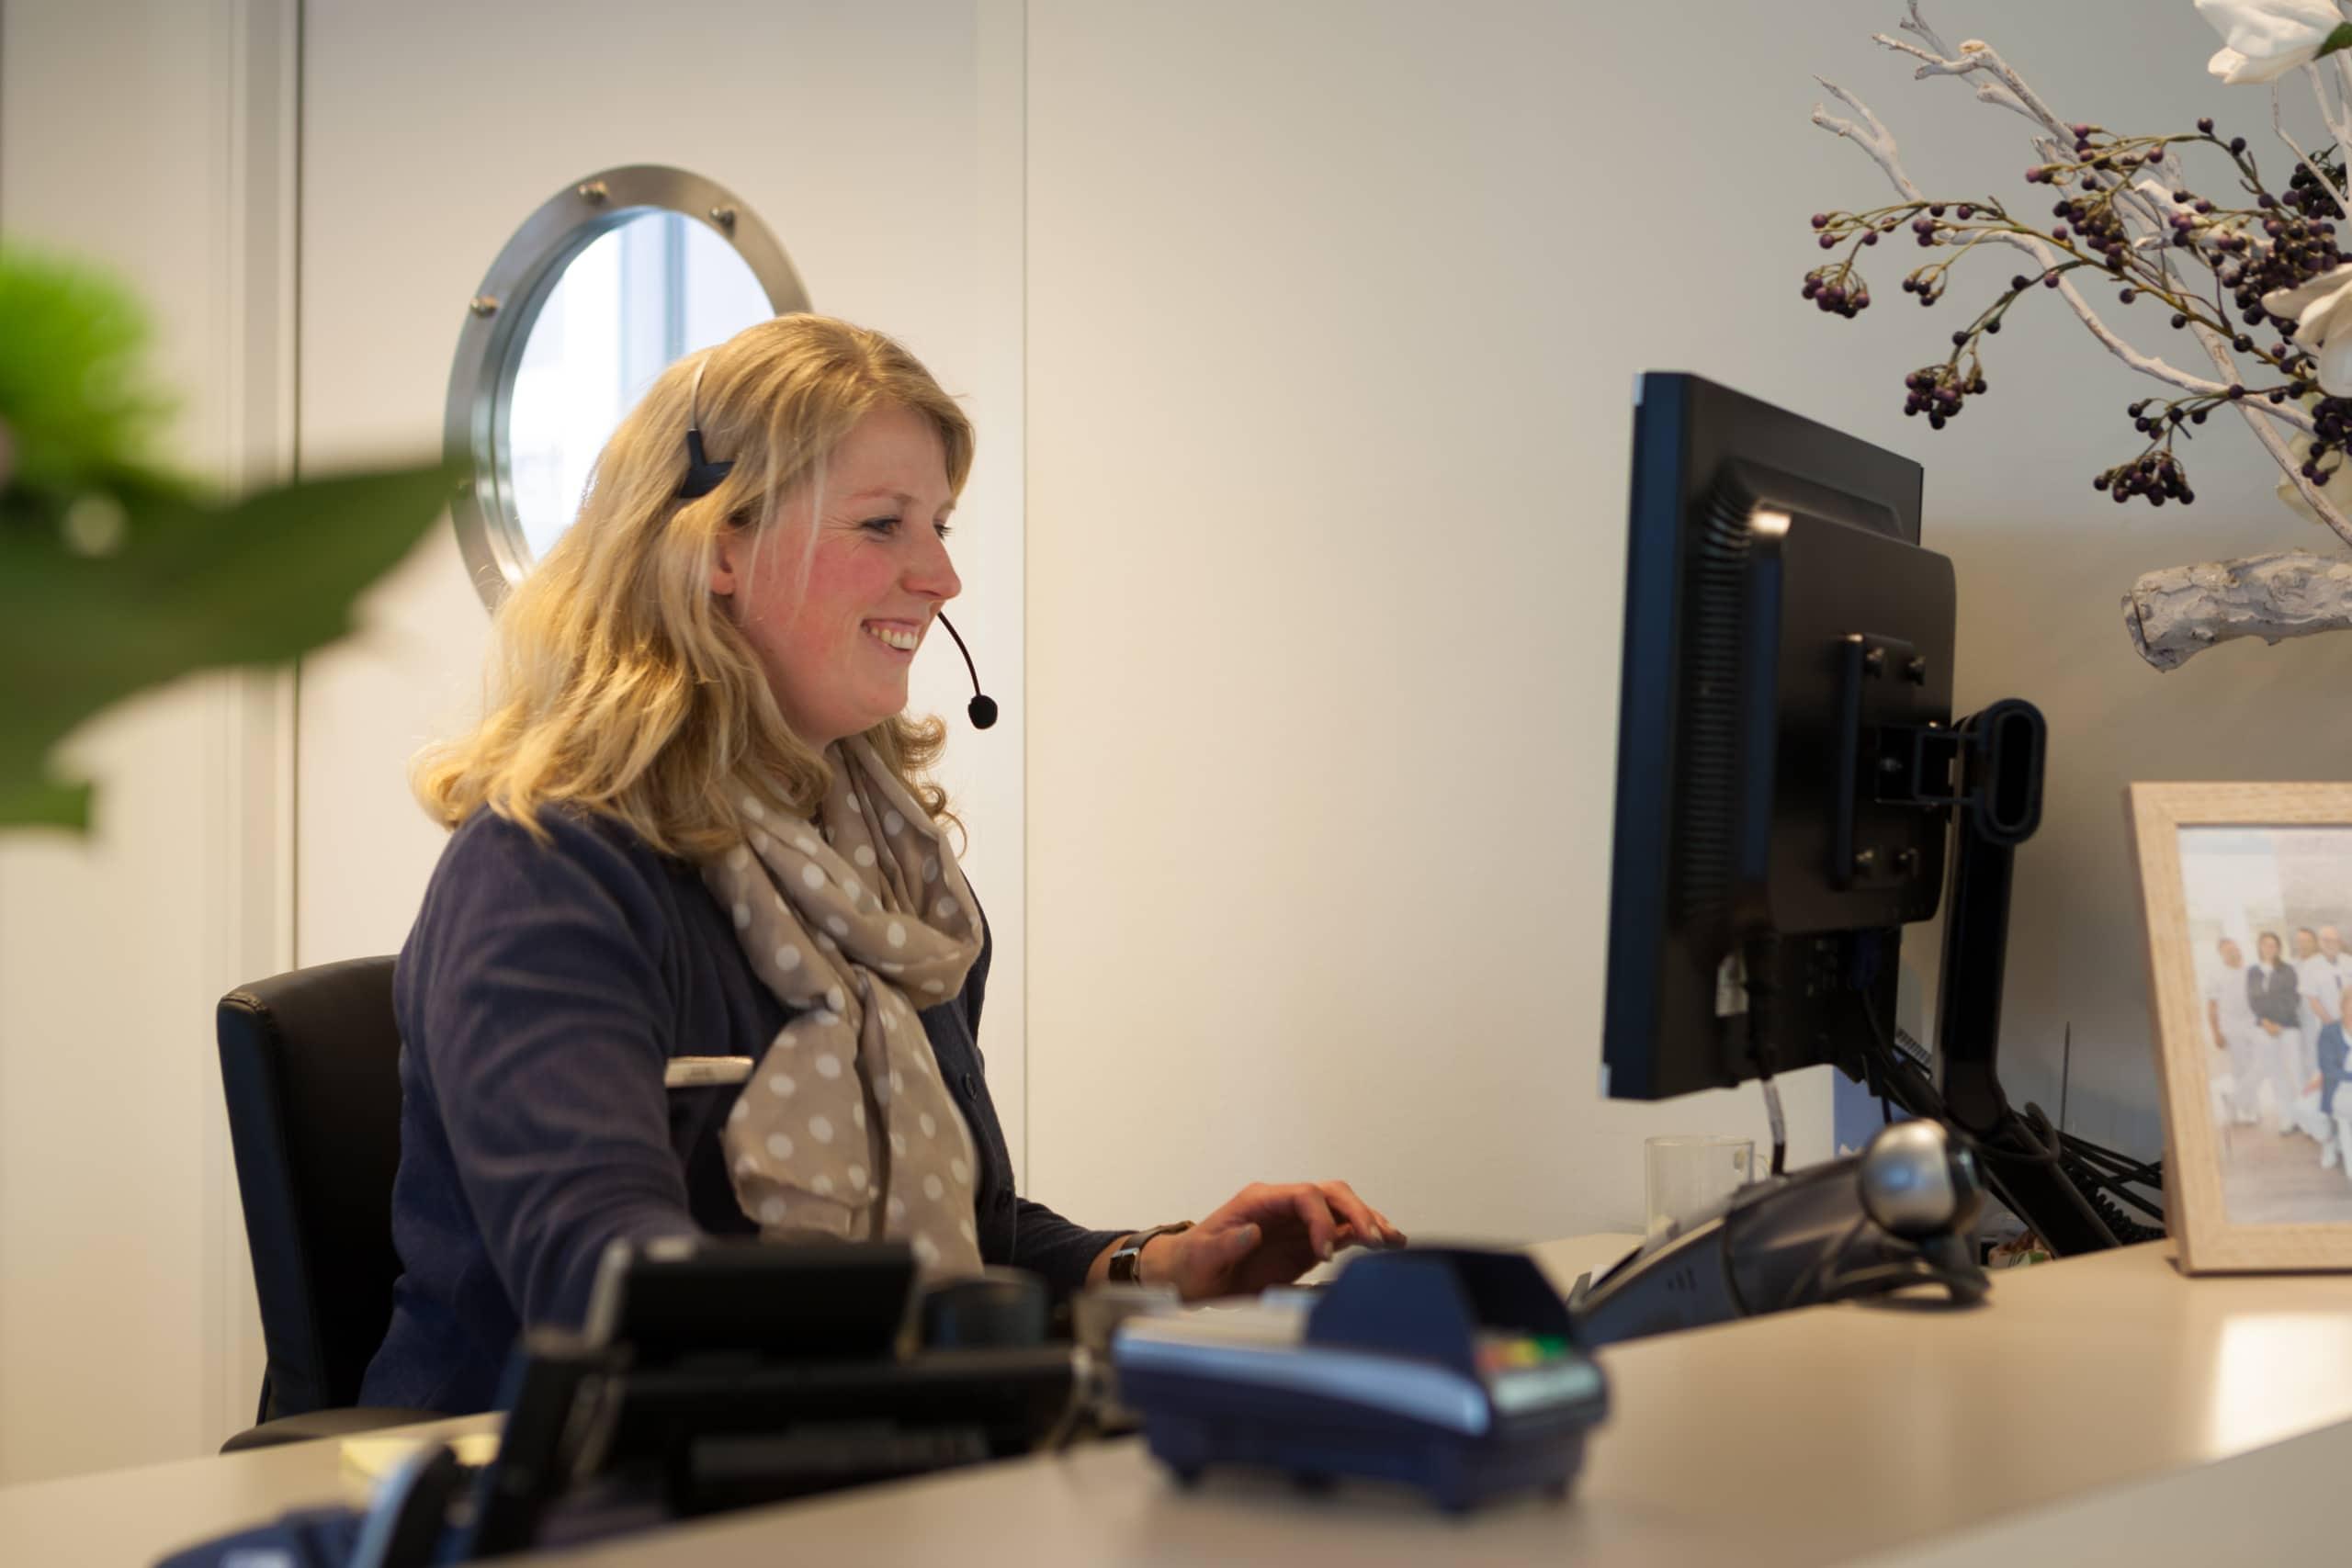 TX de Jong tandartspraktijk, Vacature: Receptiemedewerker, Amersfoort